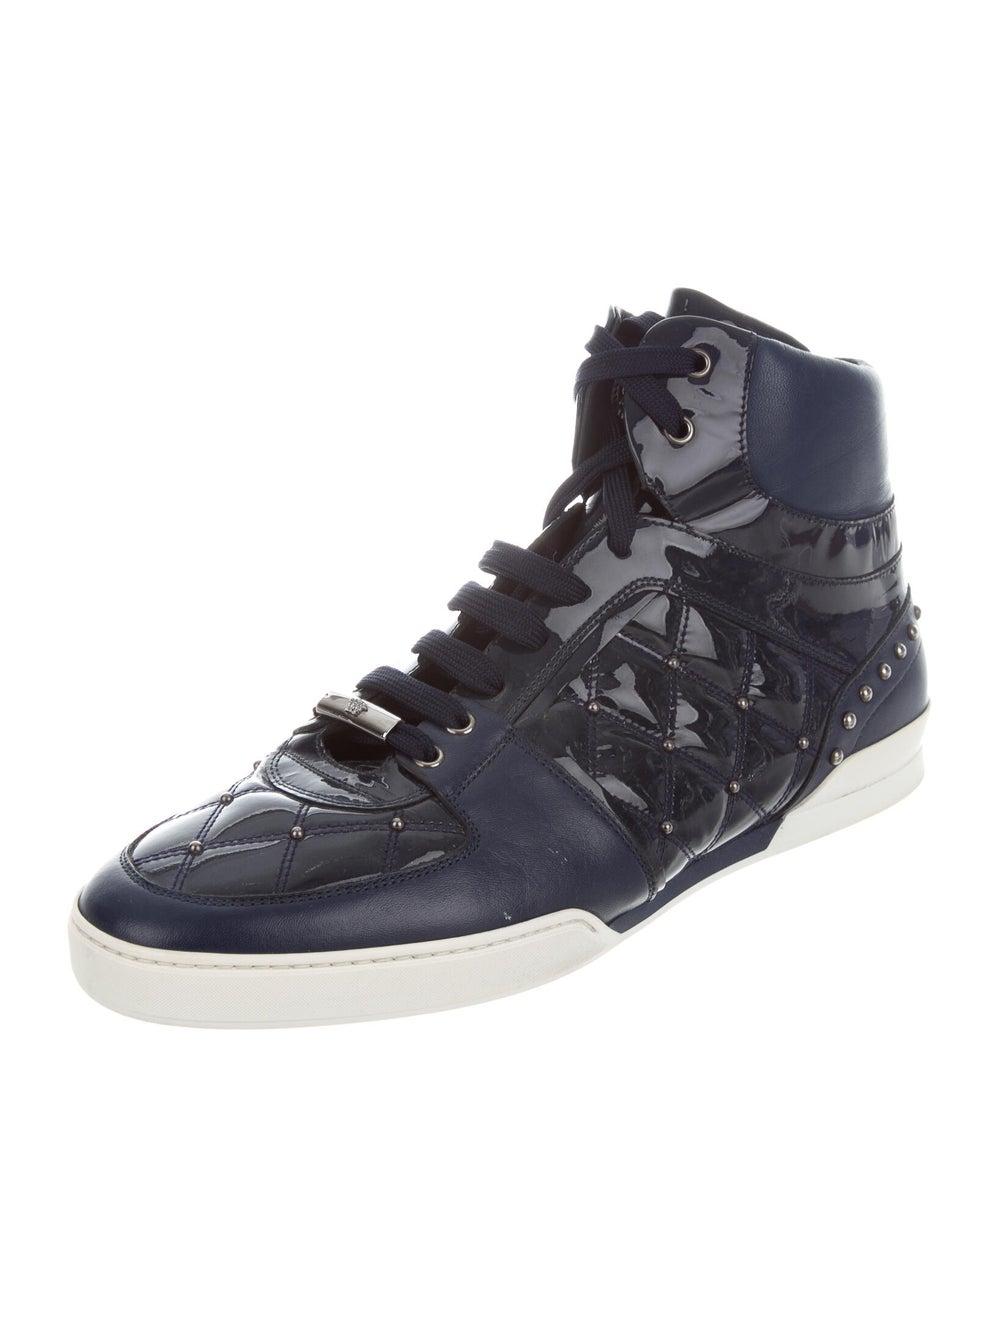 Versace Sneakers Blue - image 2